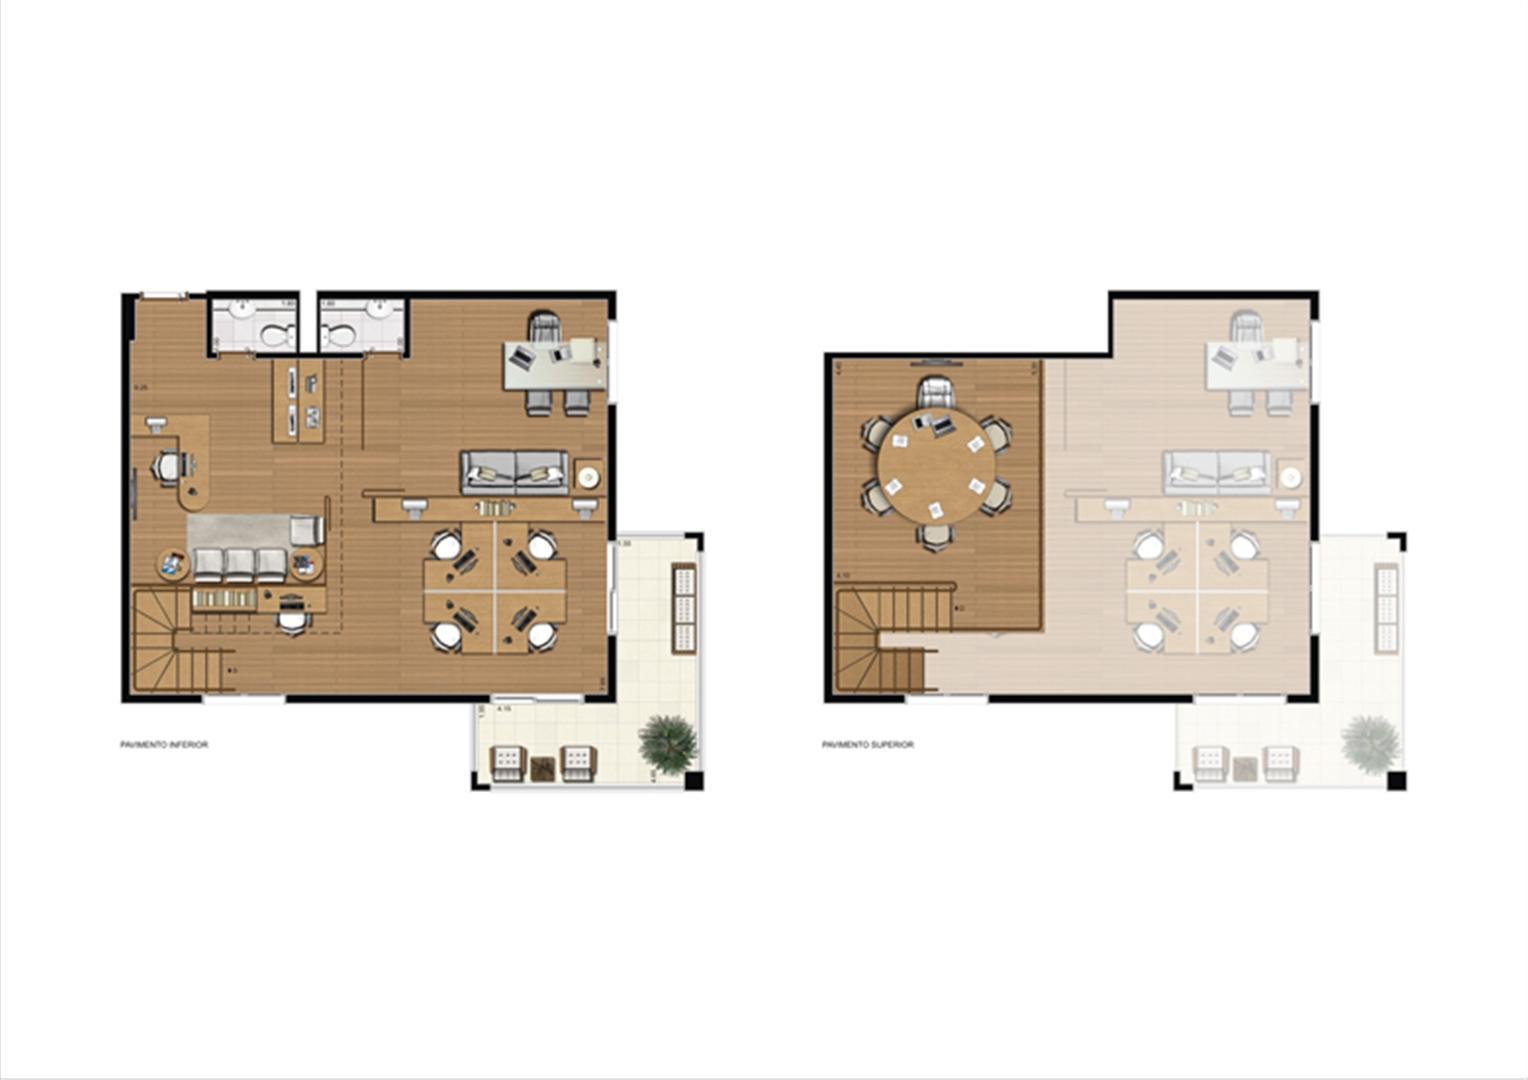 Duplex de 110 m² Final 16 | Luzes da Mooca - Atrio Giorno – Salas Comerciais na  Mooca - São Paulo - São Paulo